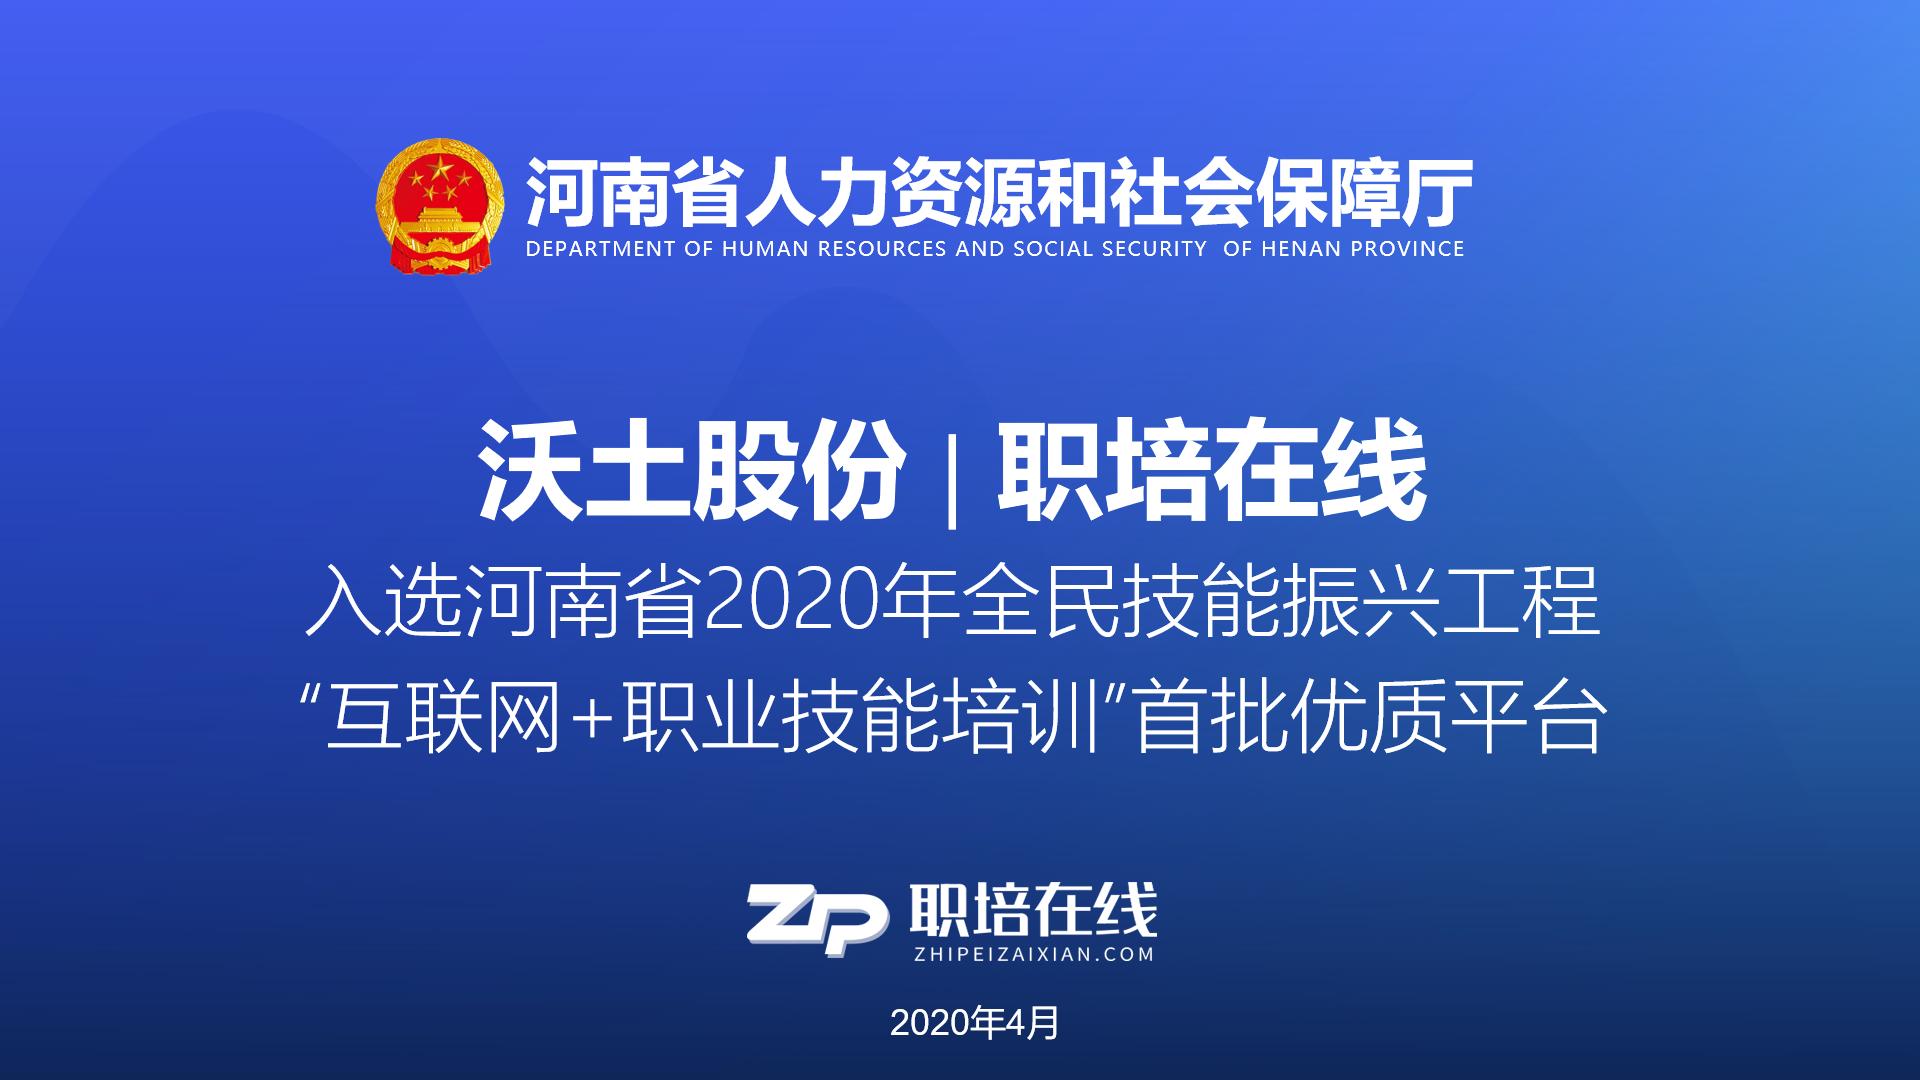 """河南省人社厅   职培在线入选""""互联网+职业技能培训""""首批优质平台"""